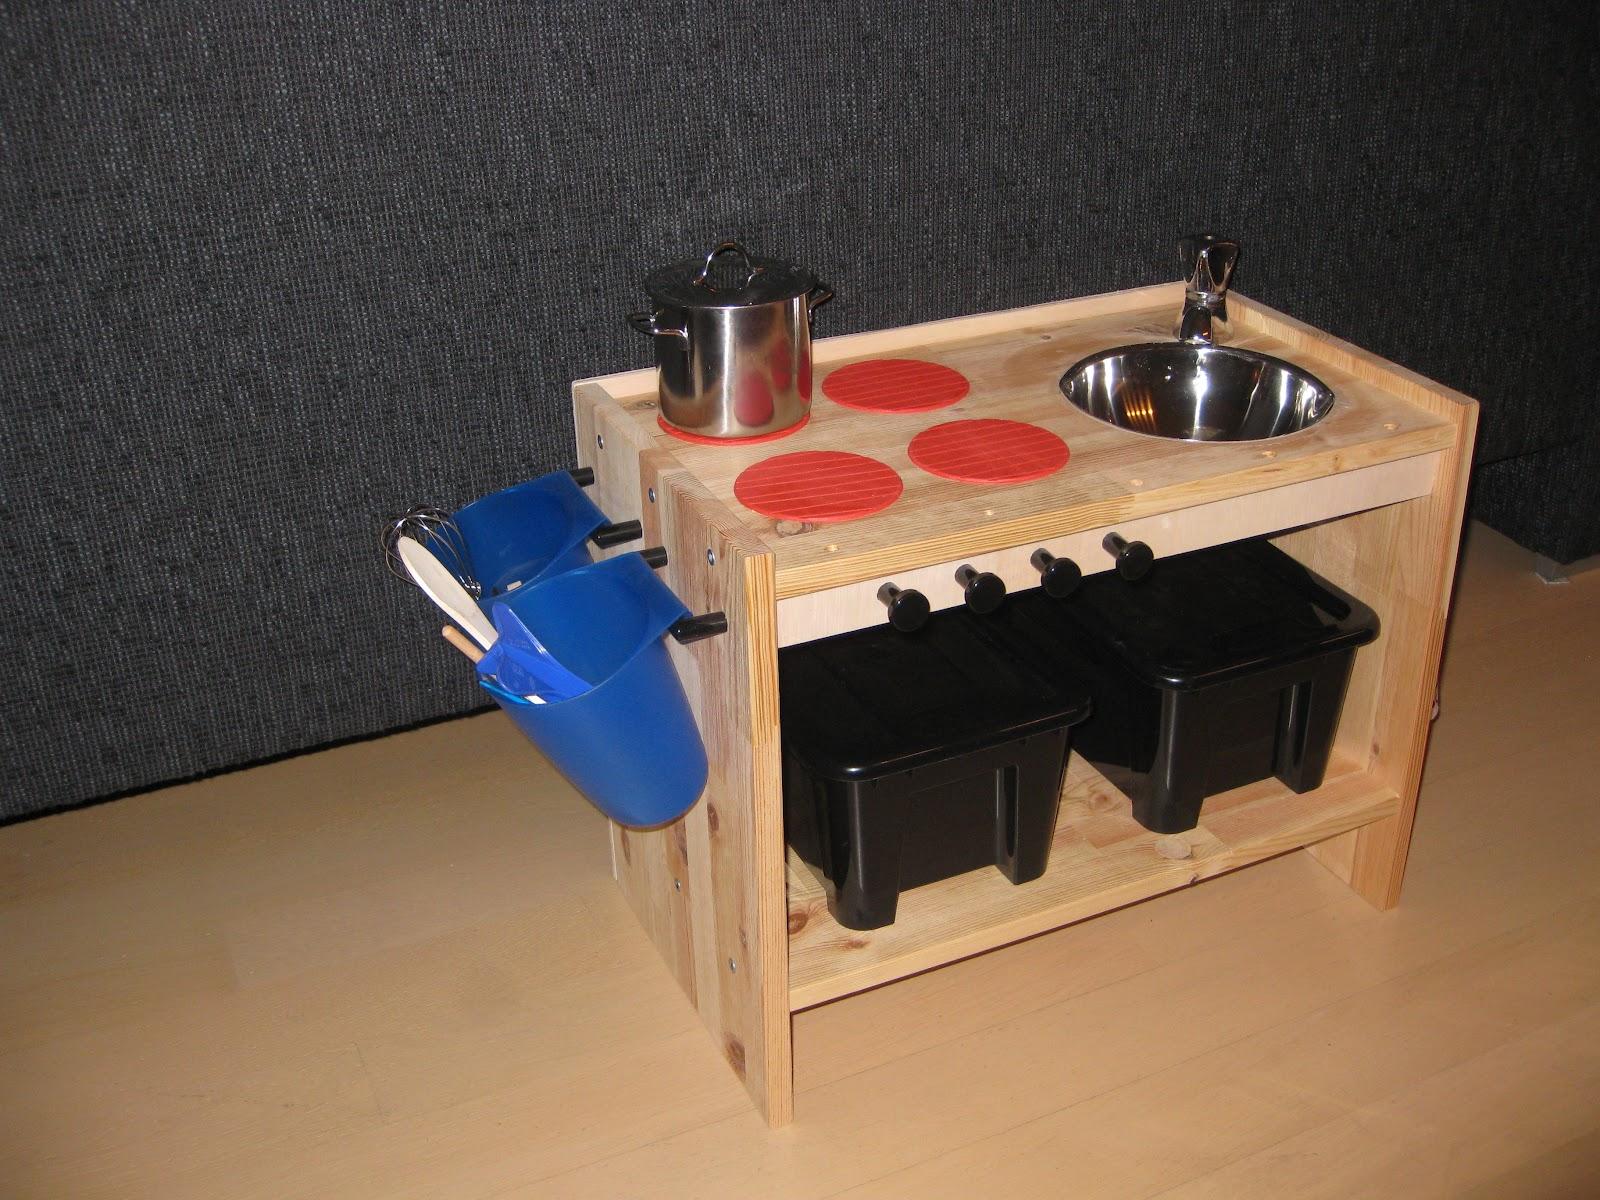 zelf speelgoed keuken maken